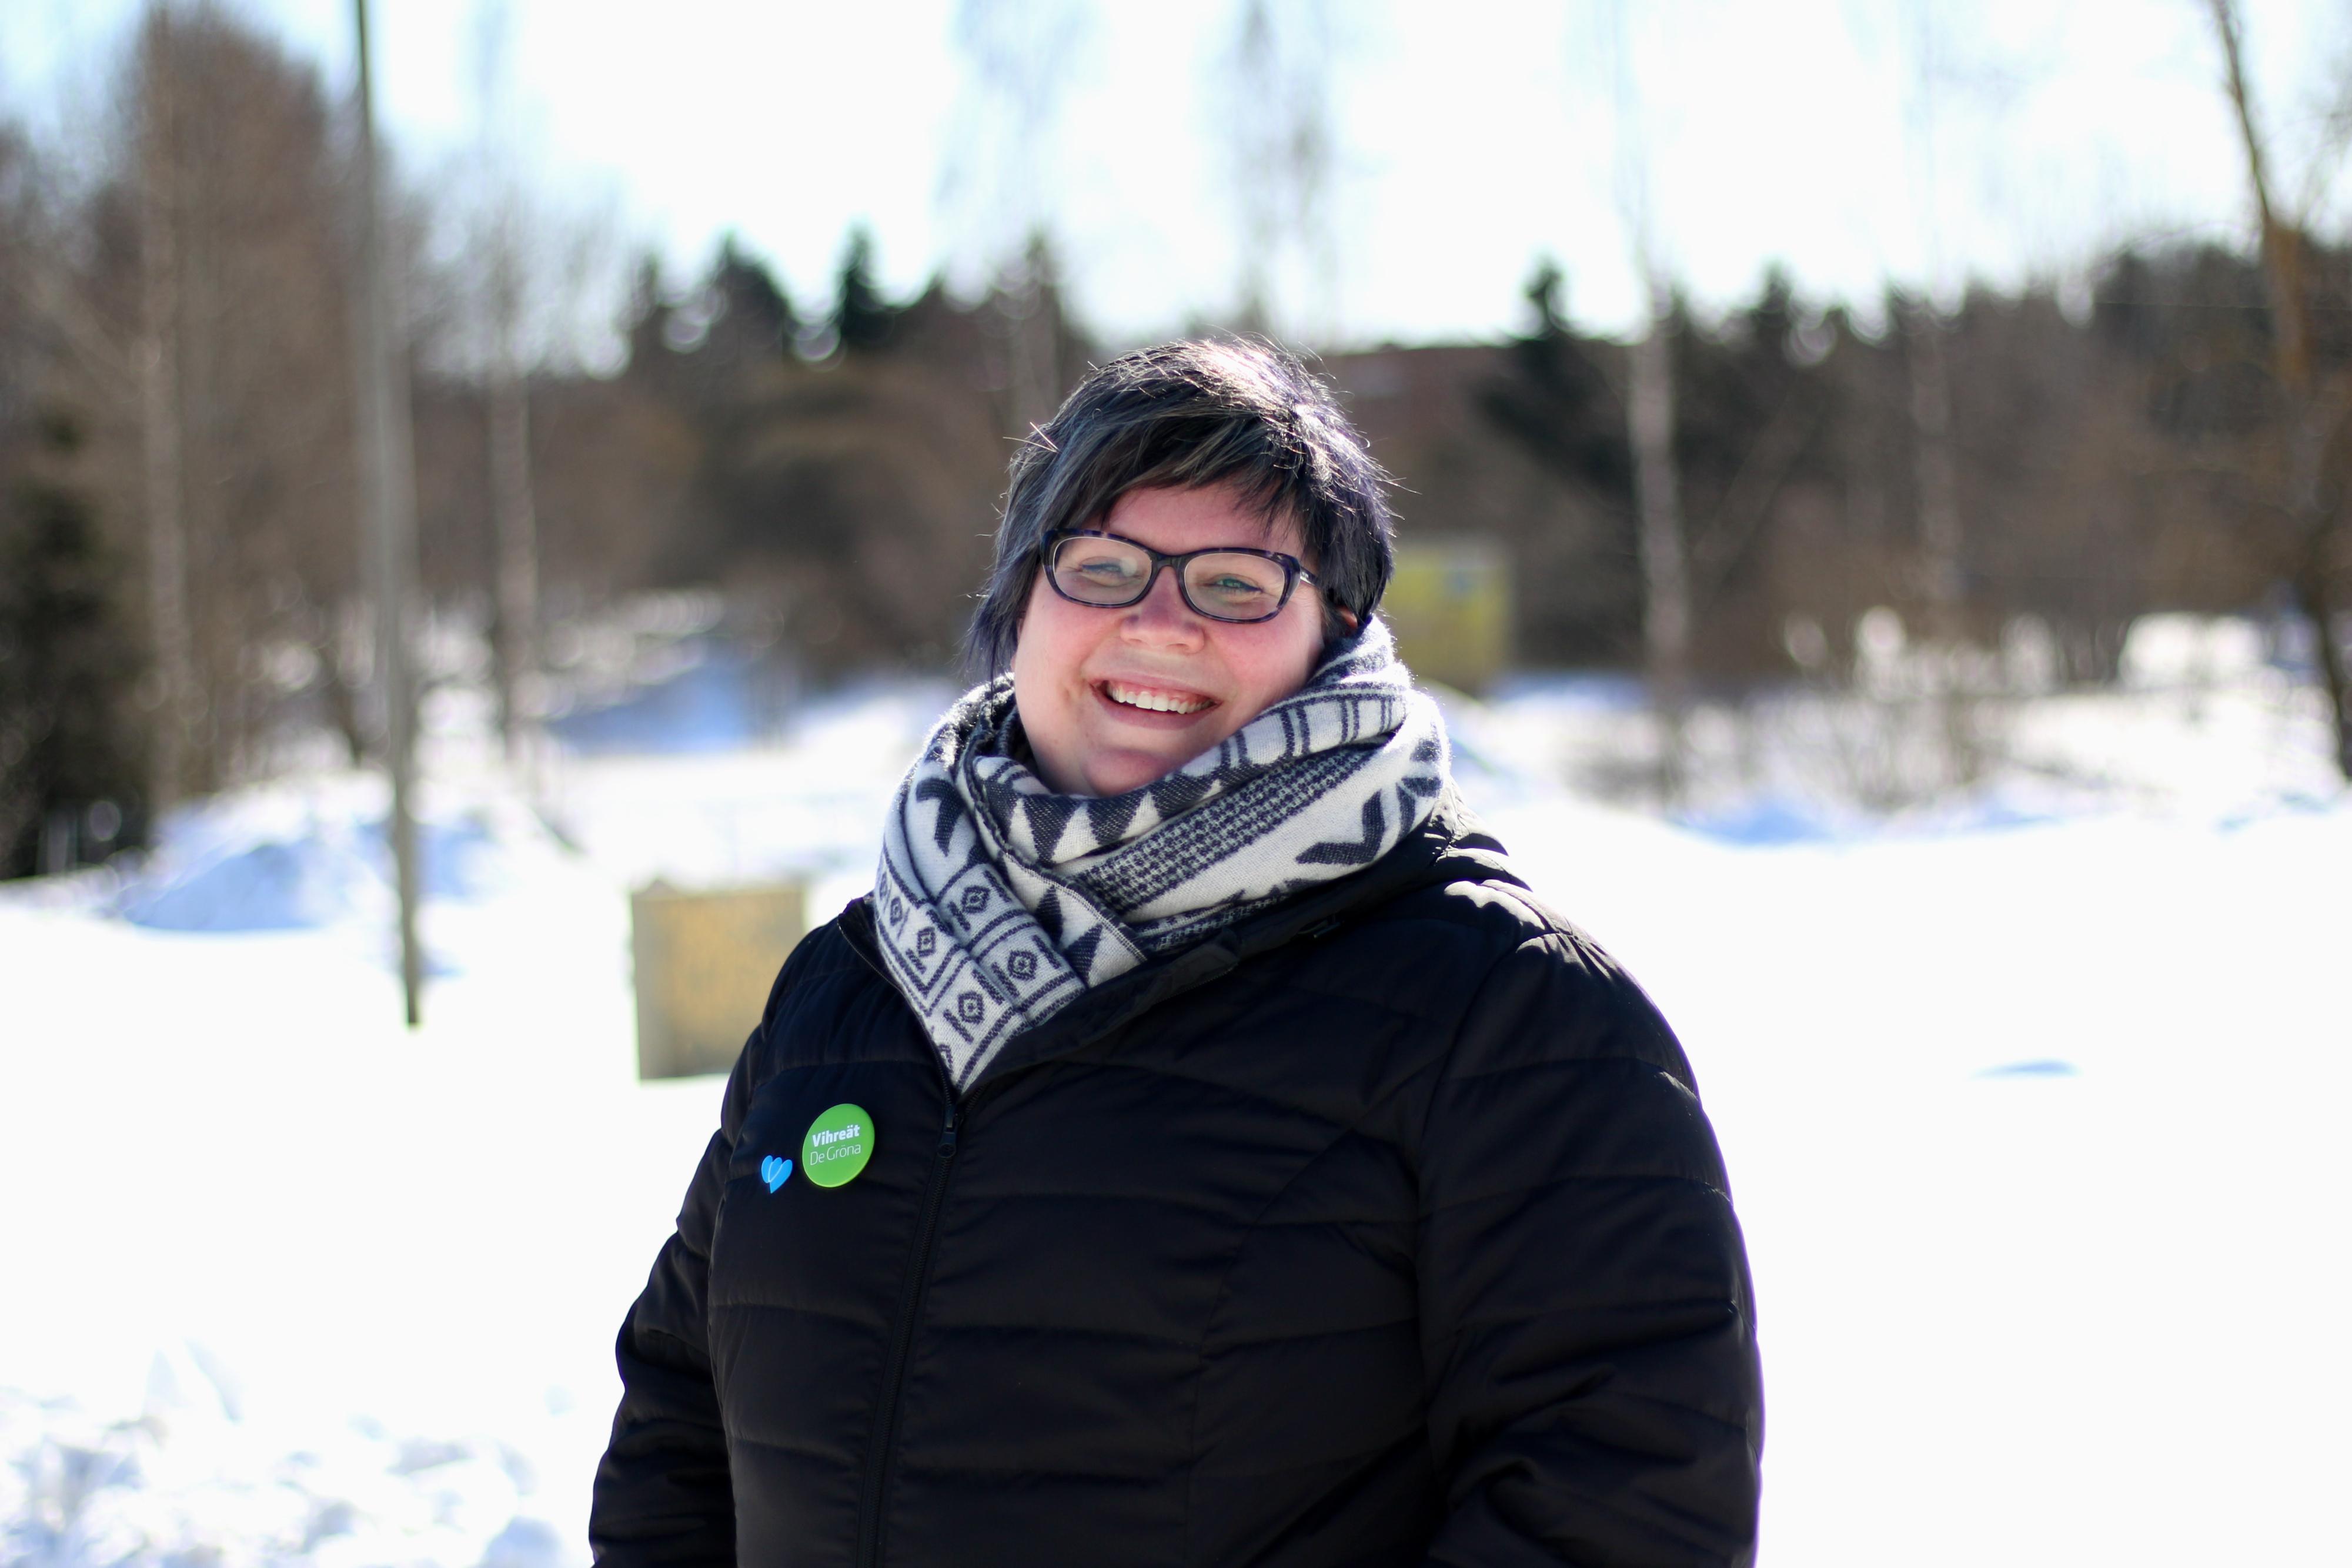 Satu Heinonen katsoo hymyillen kameraan. Kuva on otettu ulkona talvella.